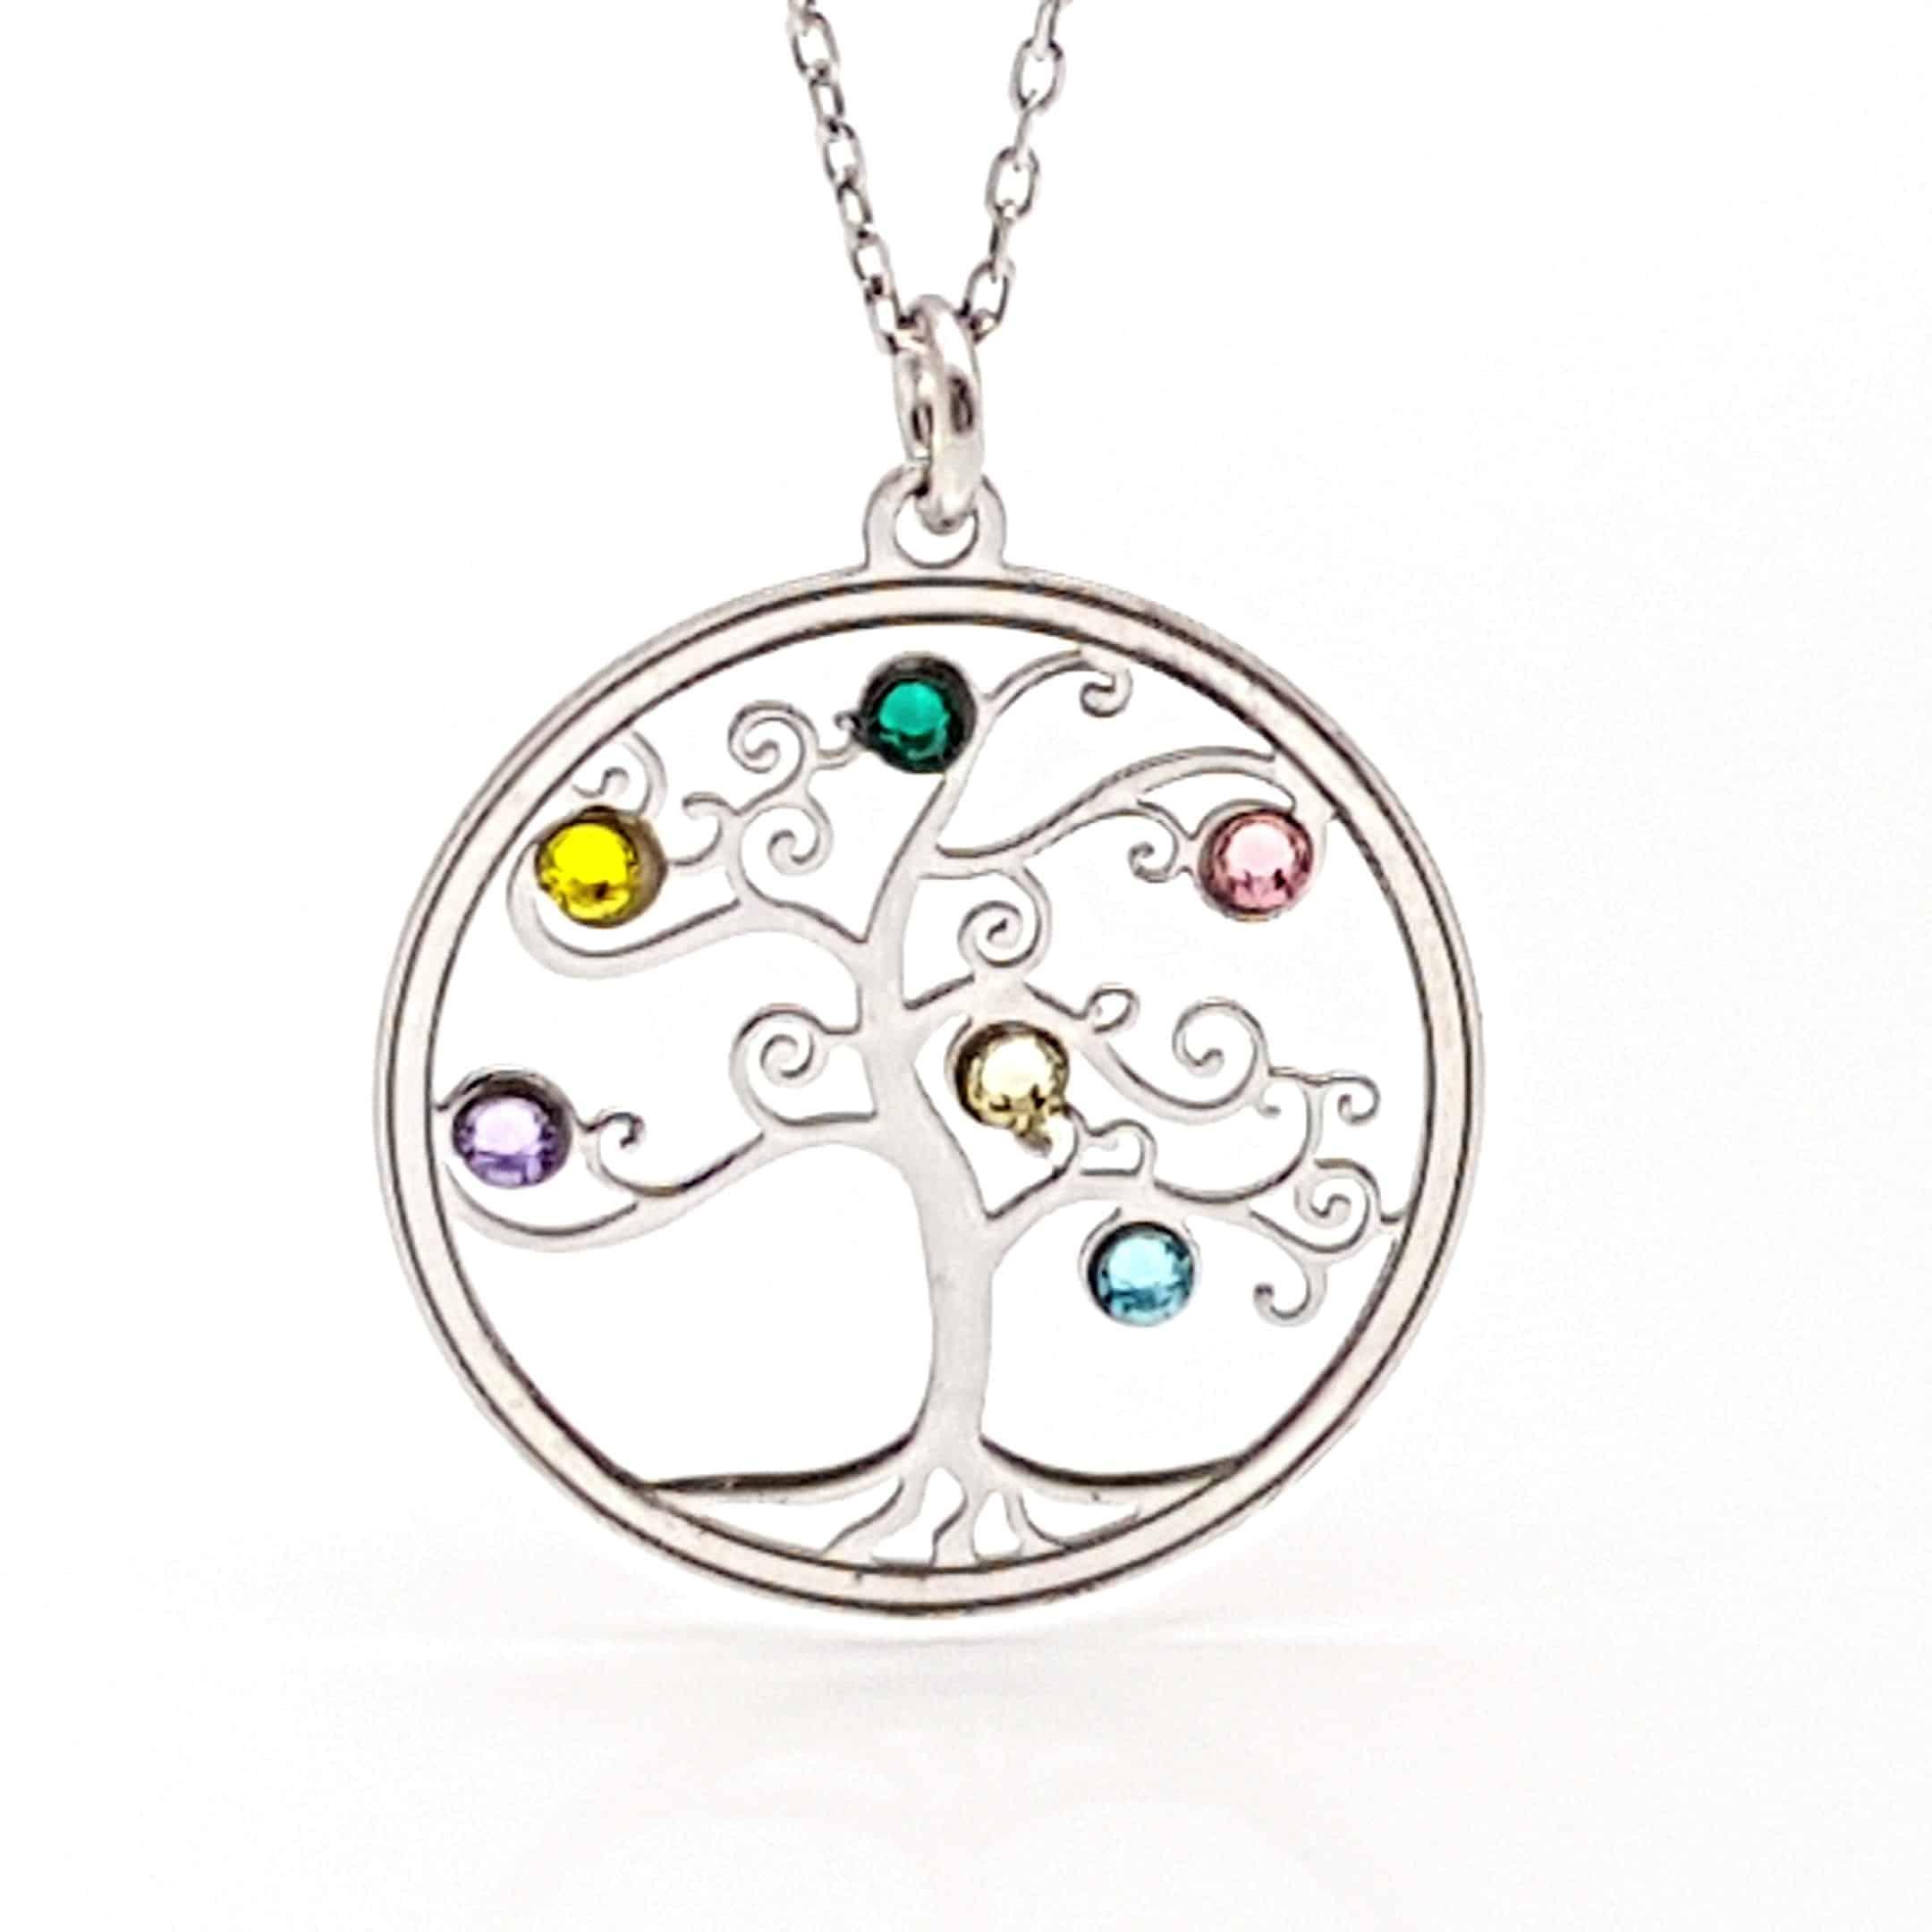 Colgante árbol de la vida en plata y circonitas de colores (2)